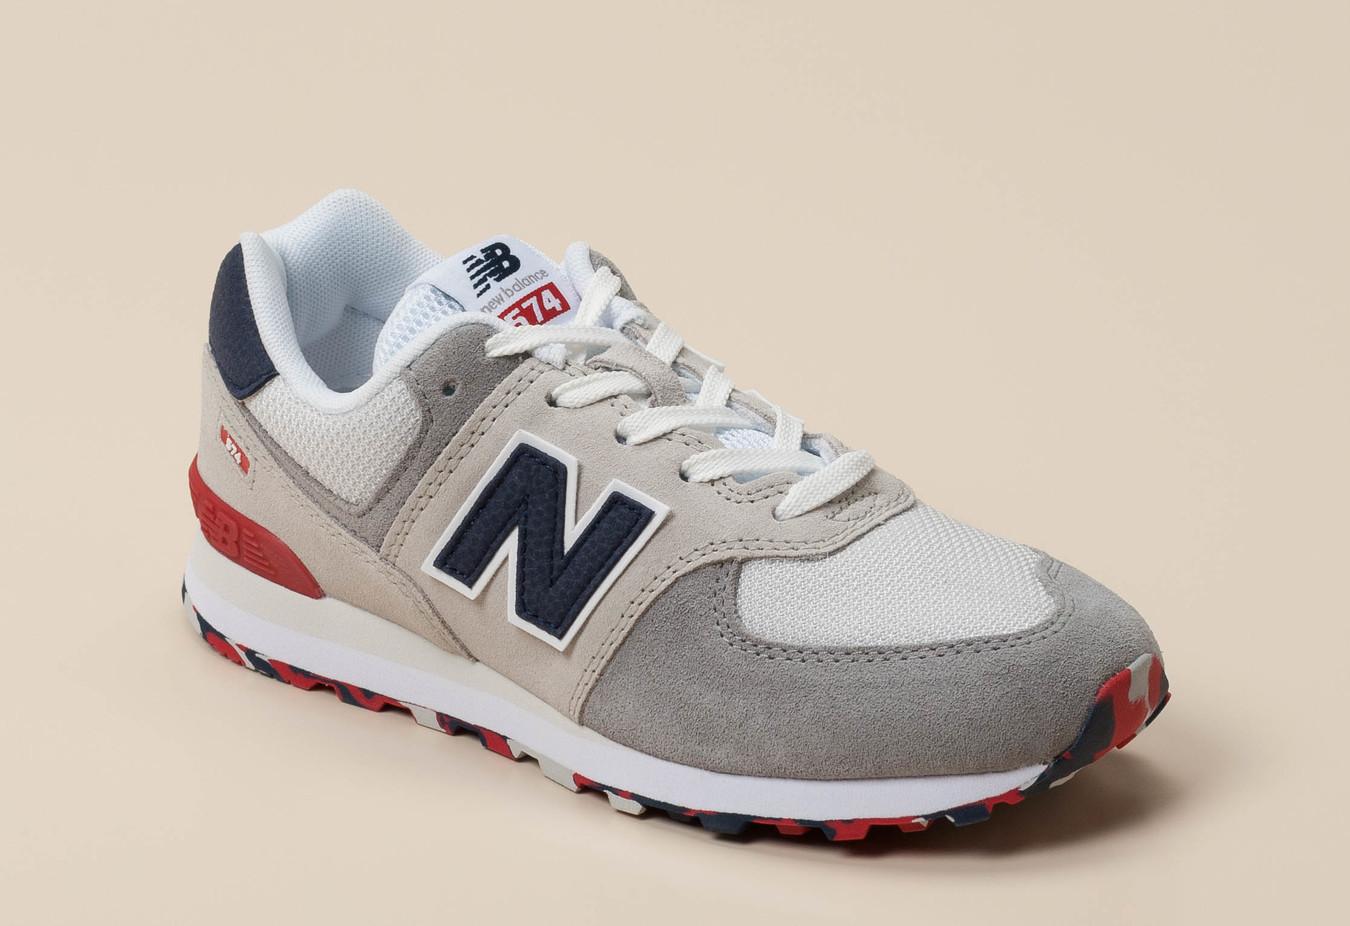 New Balance Kinder Sneaker in beige kaufen | Zumnorde Online-Shop